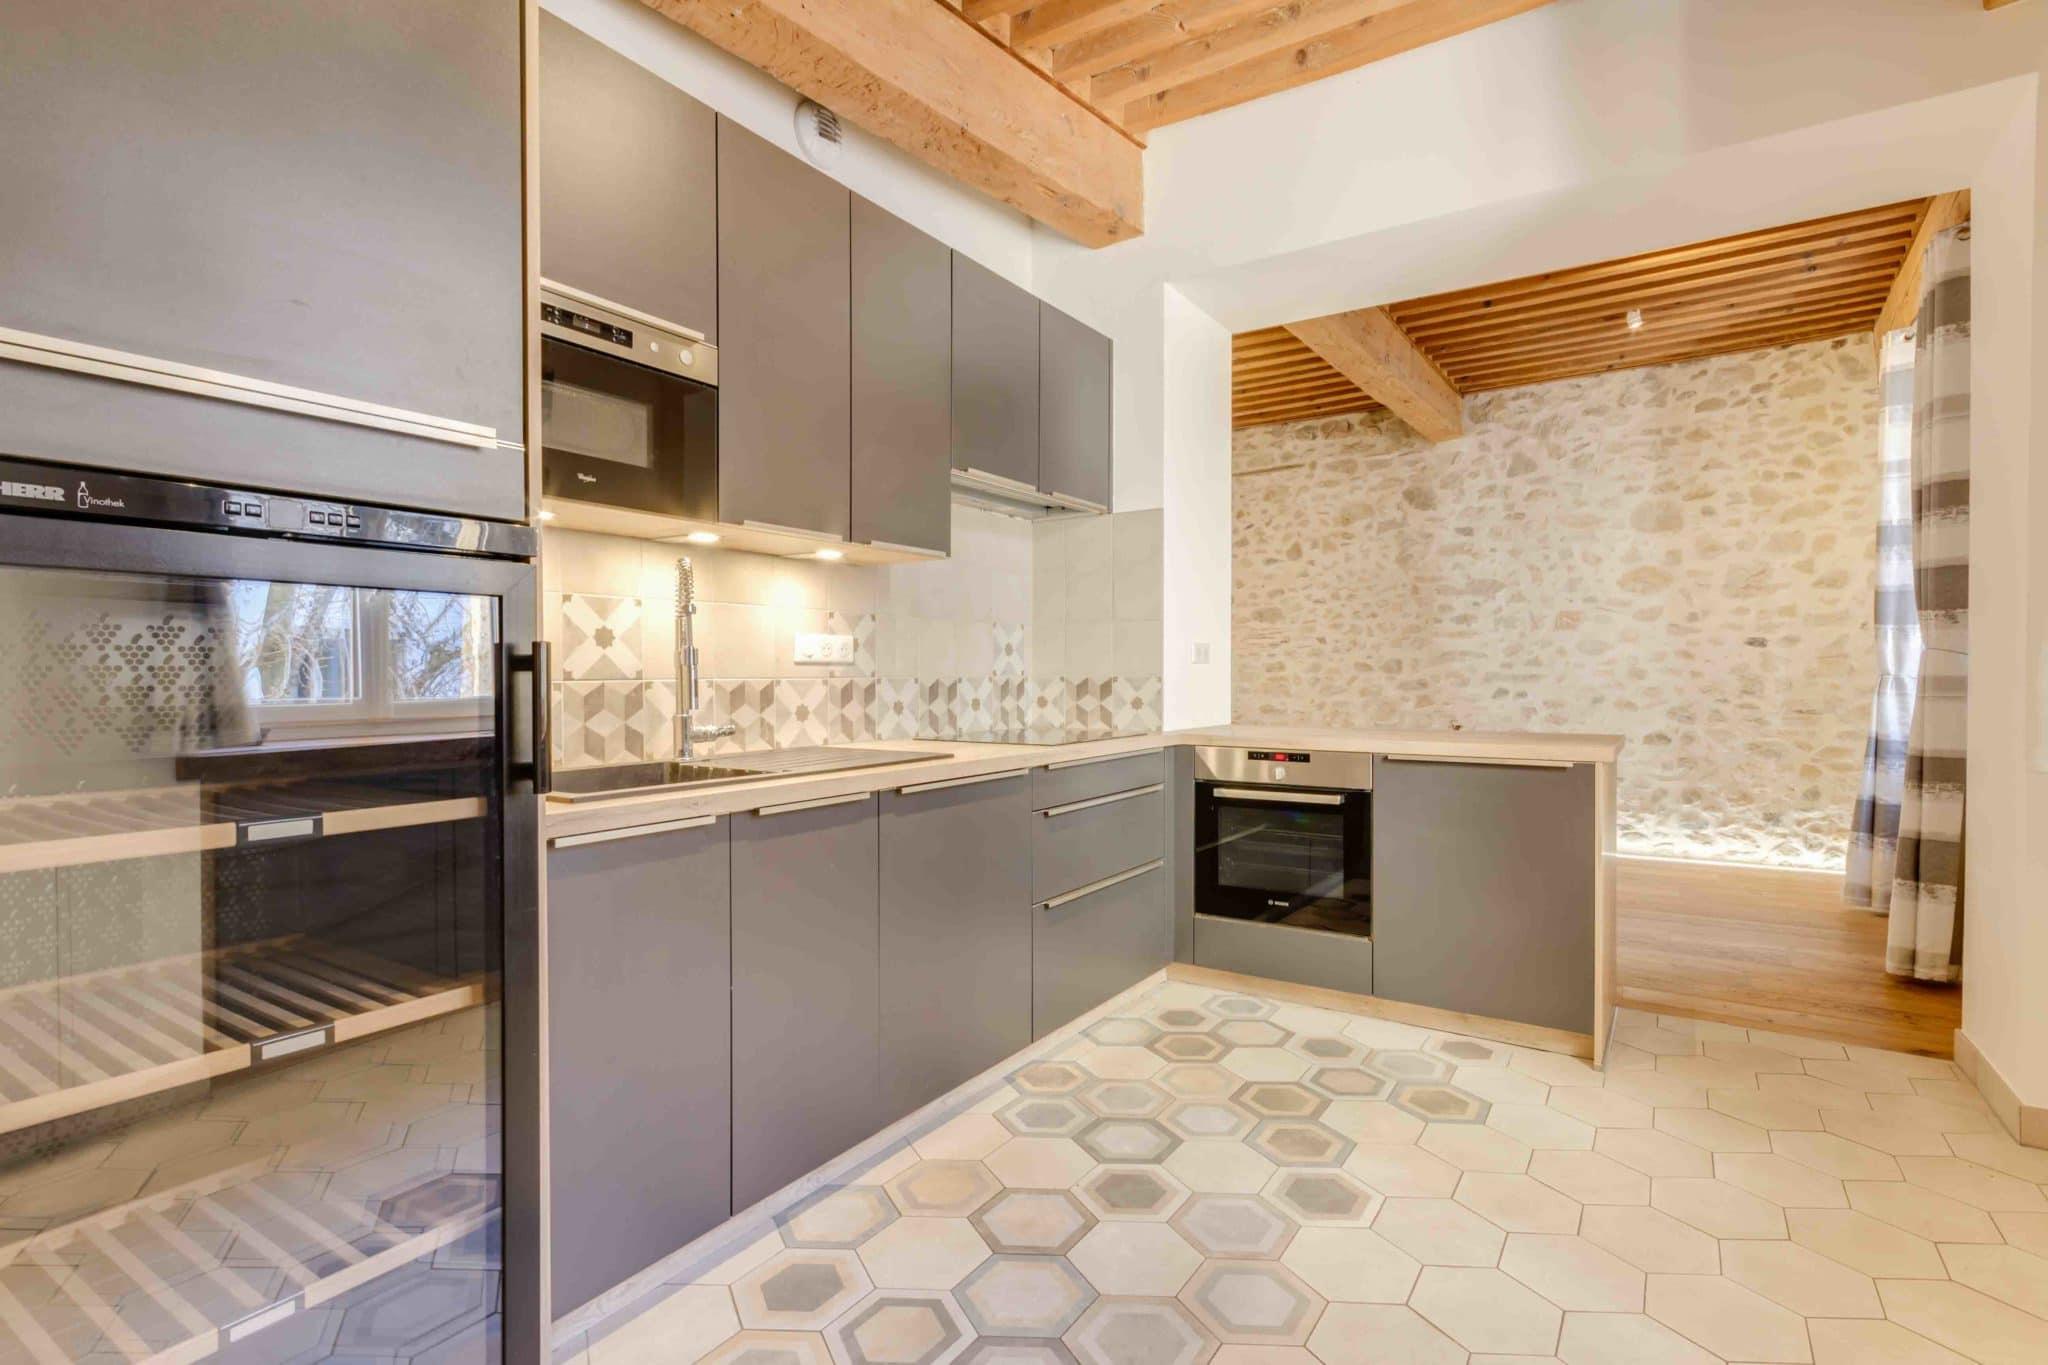 Annecy centre-ville appartement T3 Rénové Avec Poutres Et Pierres Apparentes